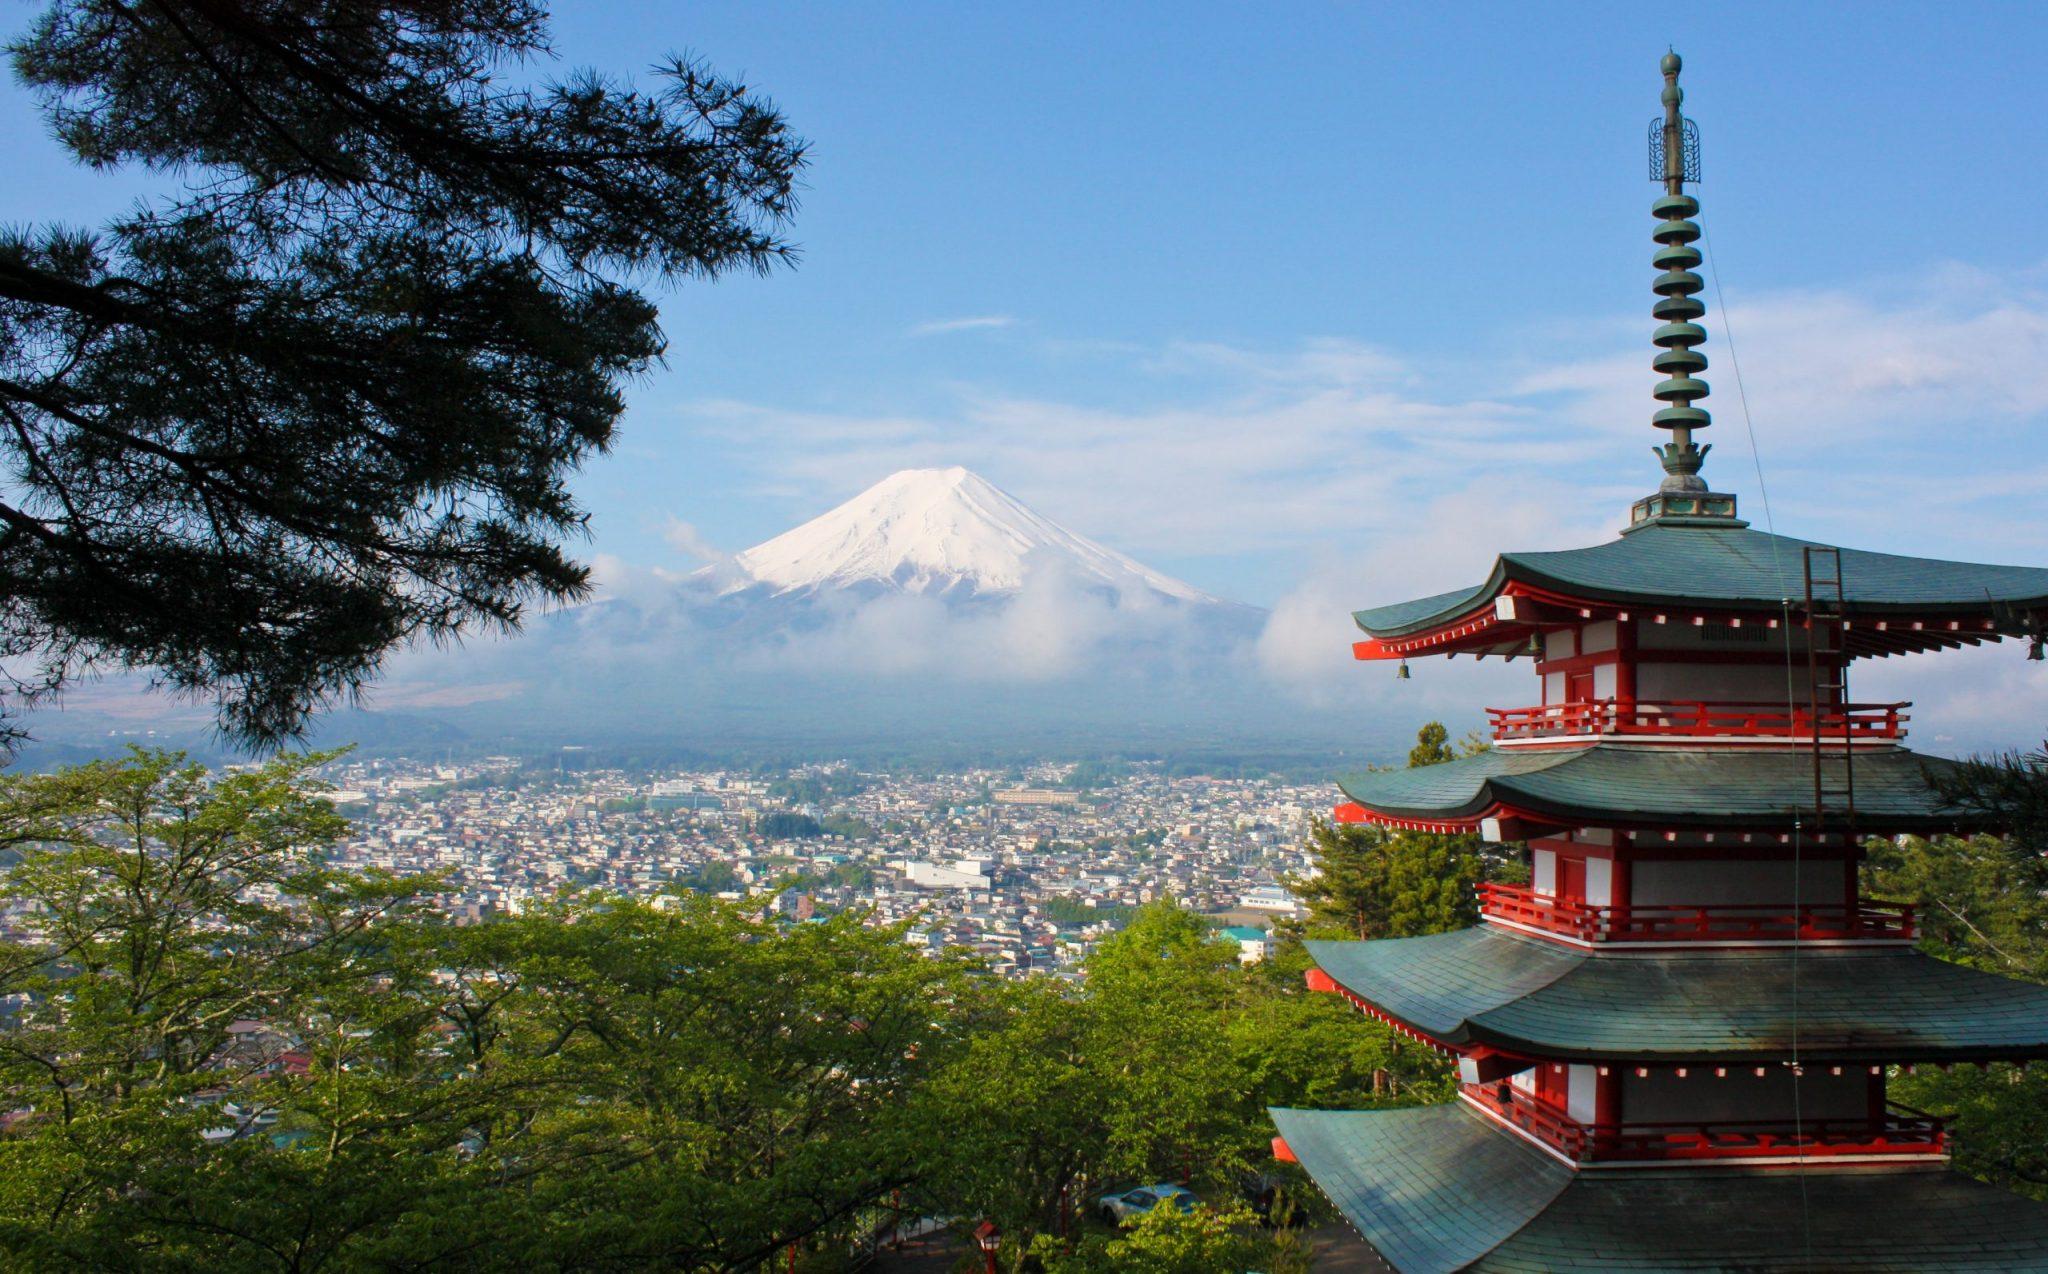 Asiatiaskt tempel uppe bland bergen med vacker vy